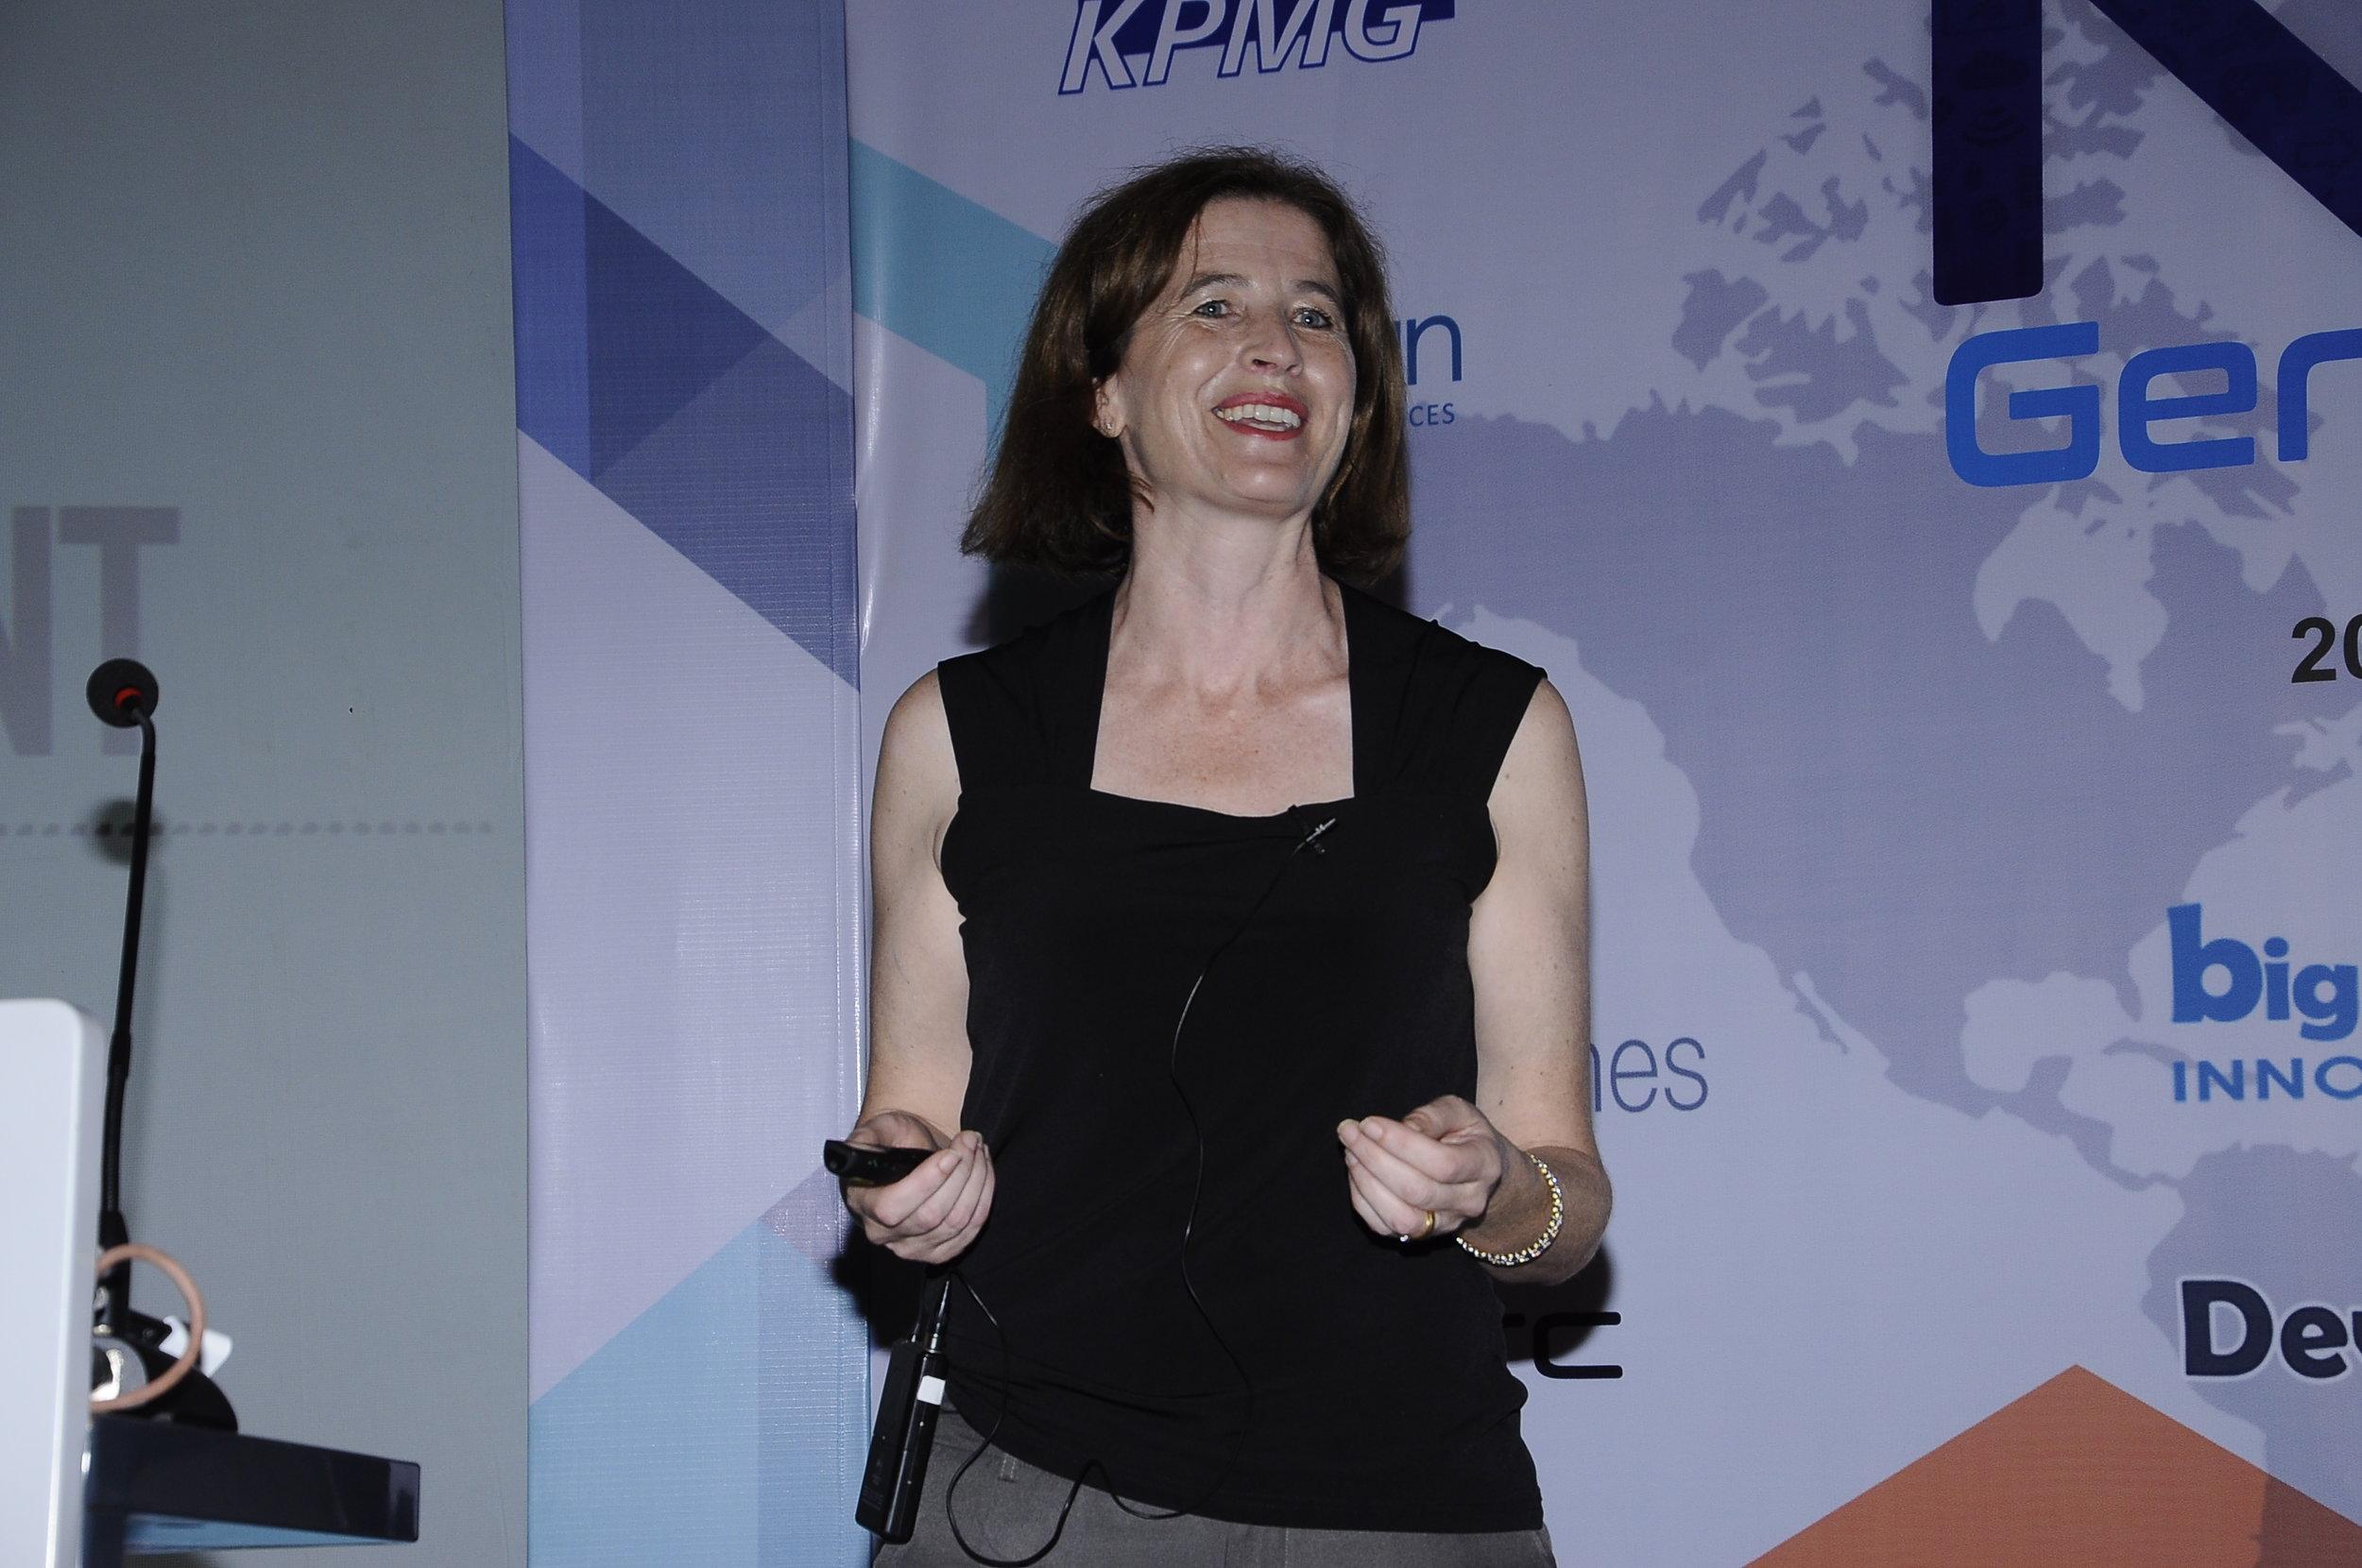 International Speaker - Anne-Marie Charrett